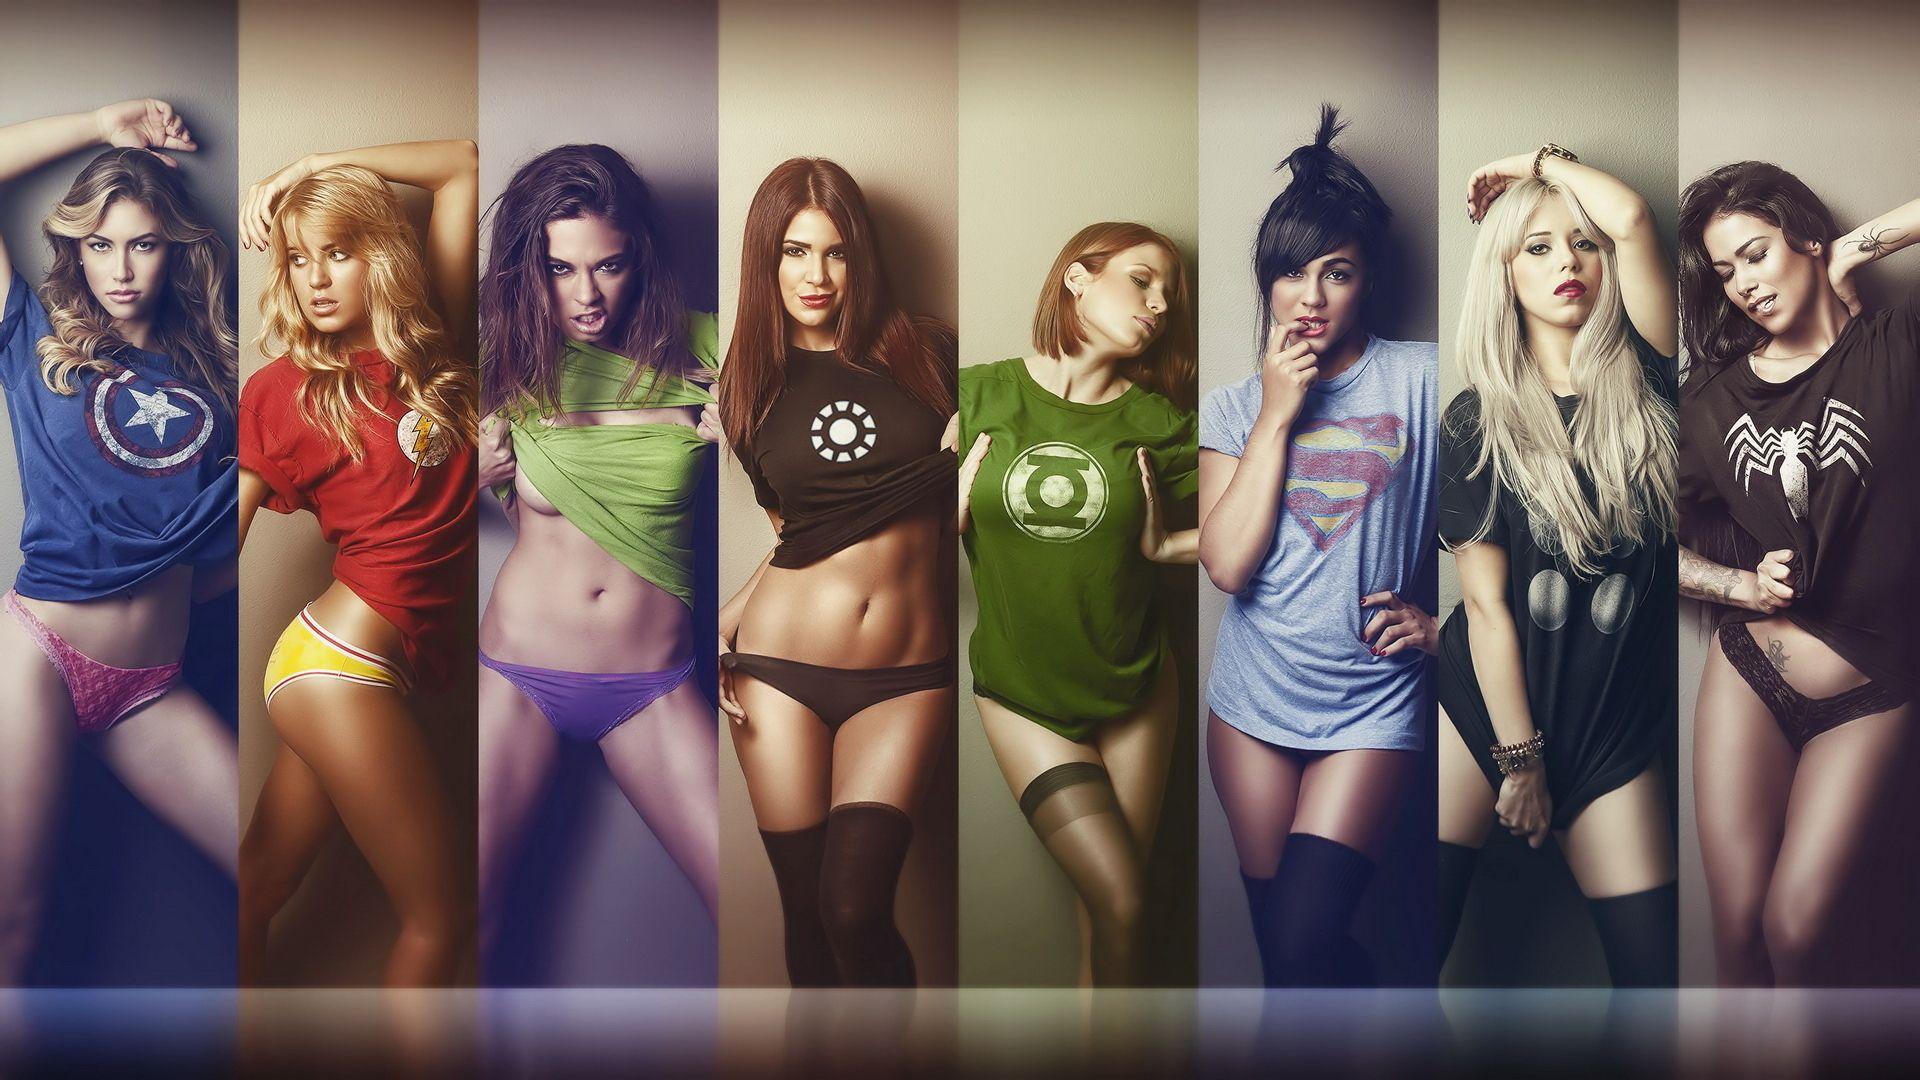 复仇者联盟几个美女穿英雄衣服的图